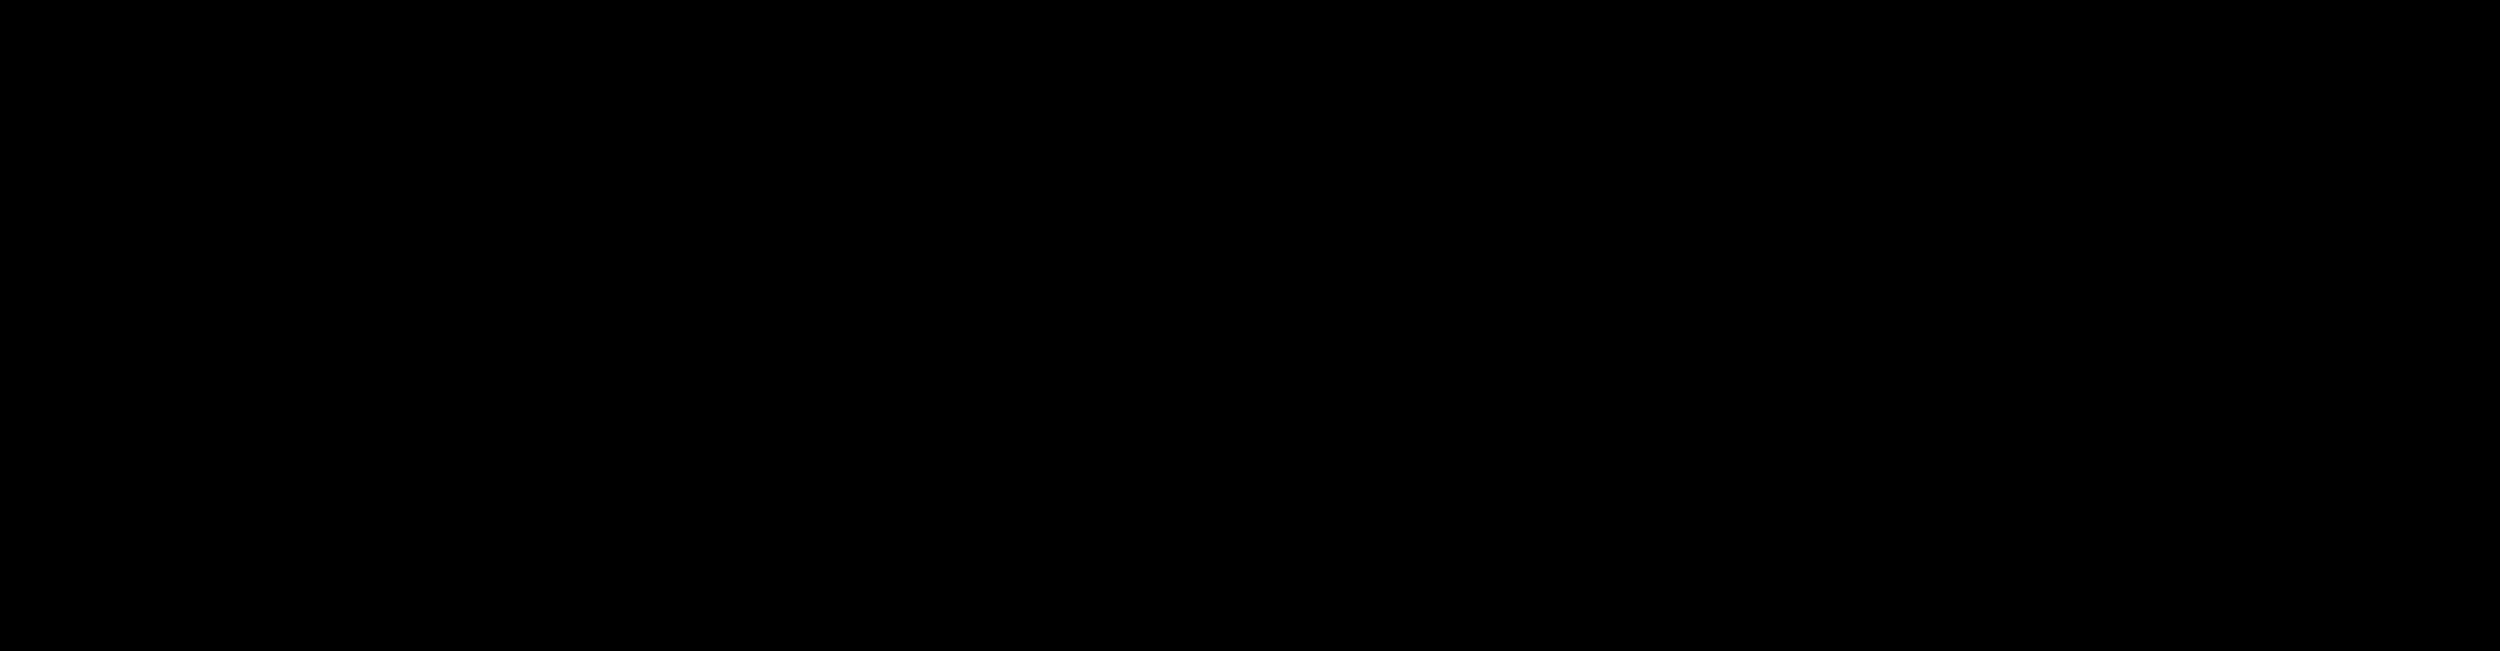 LOR-Bender-01.png